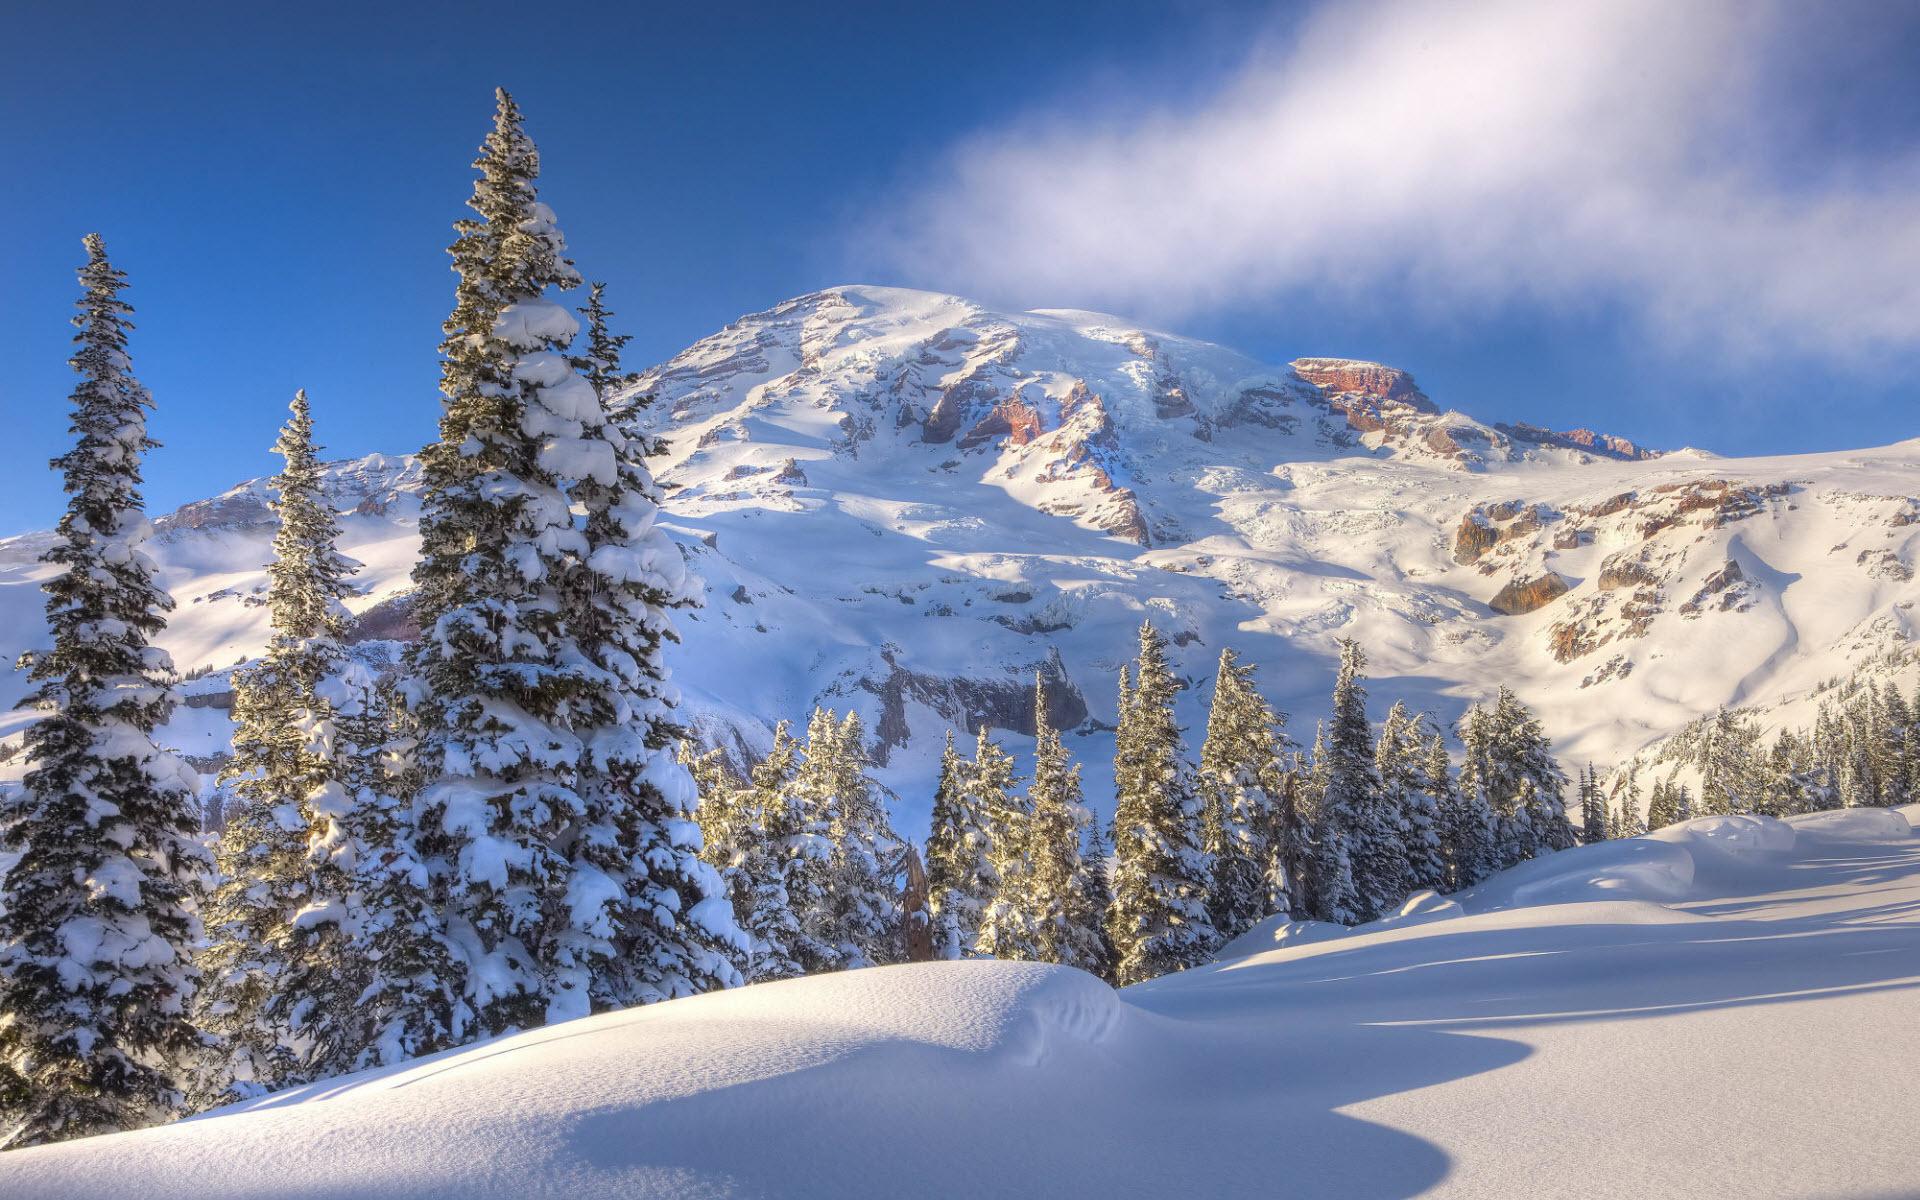 может красивый зимний пейзаж фото для обоев что